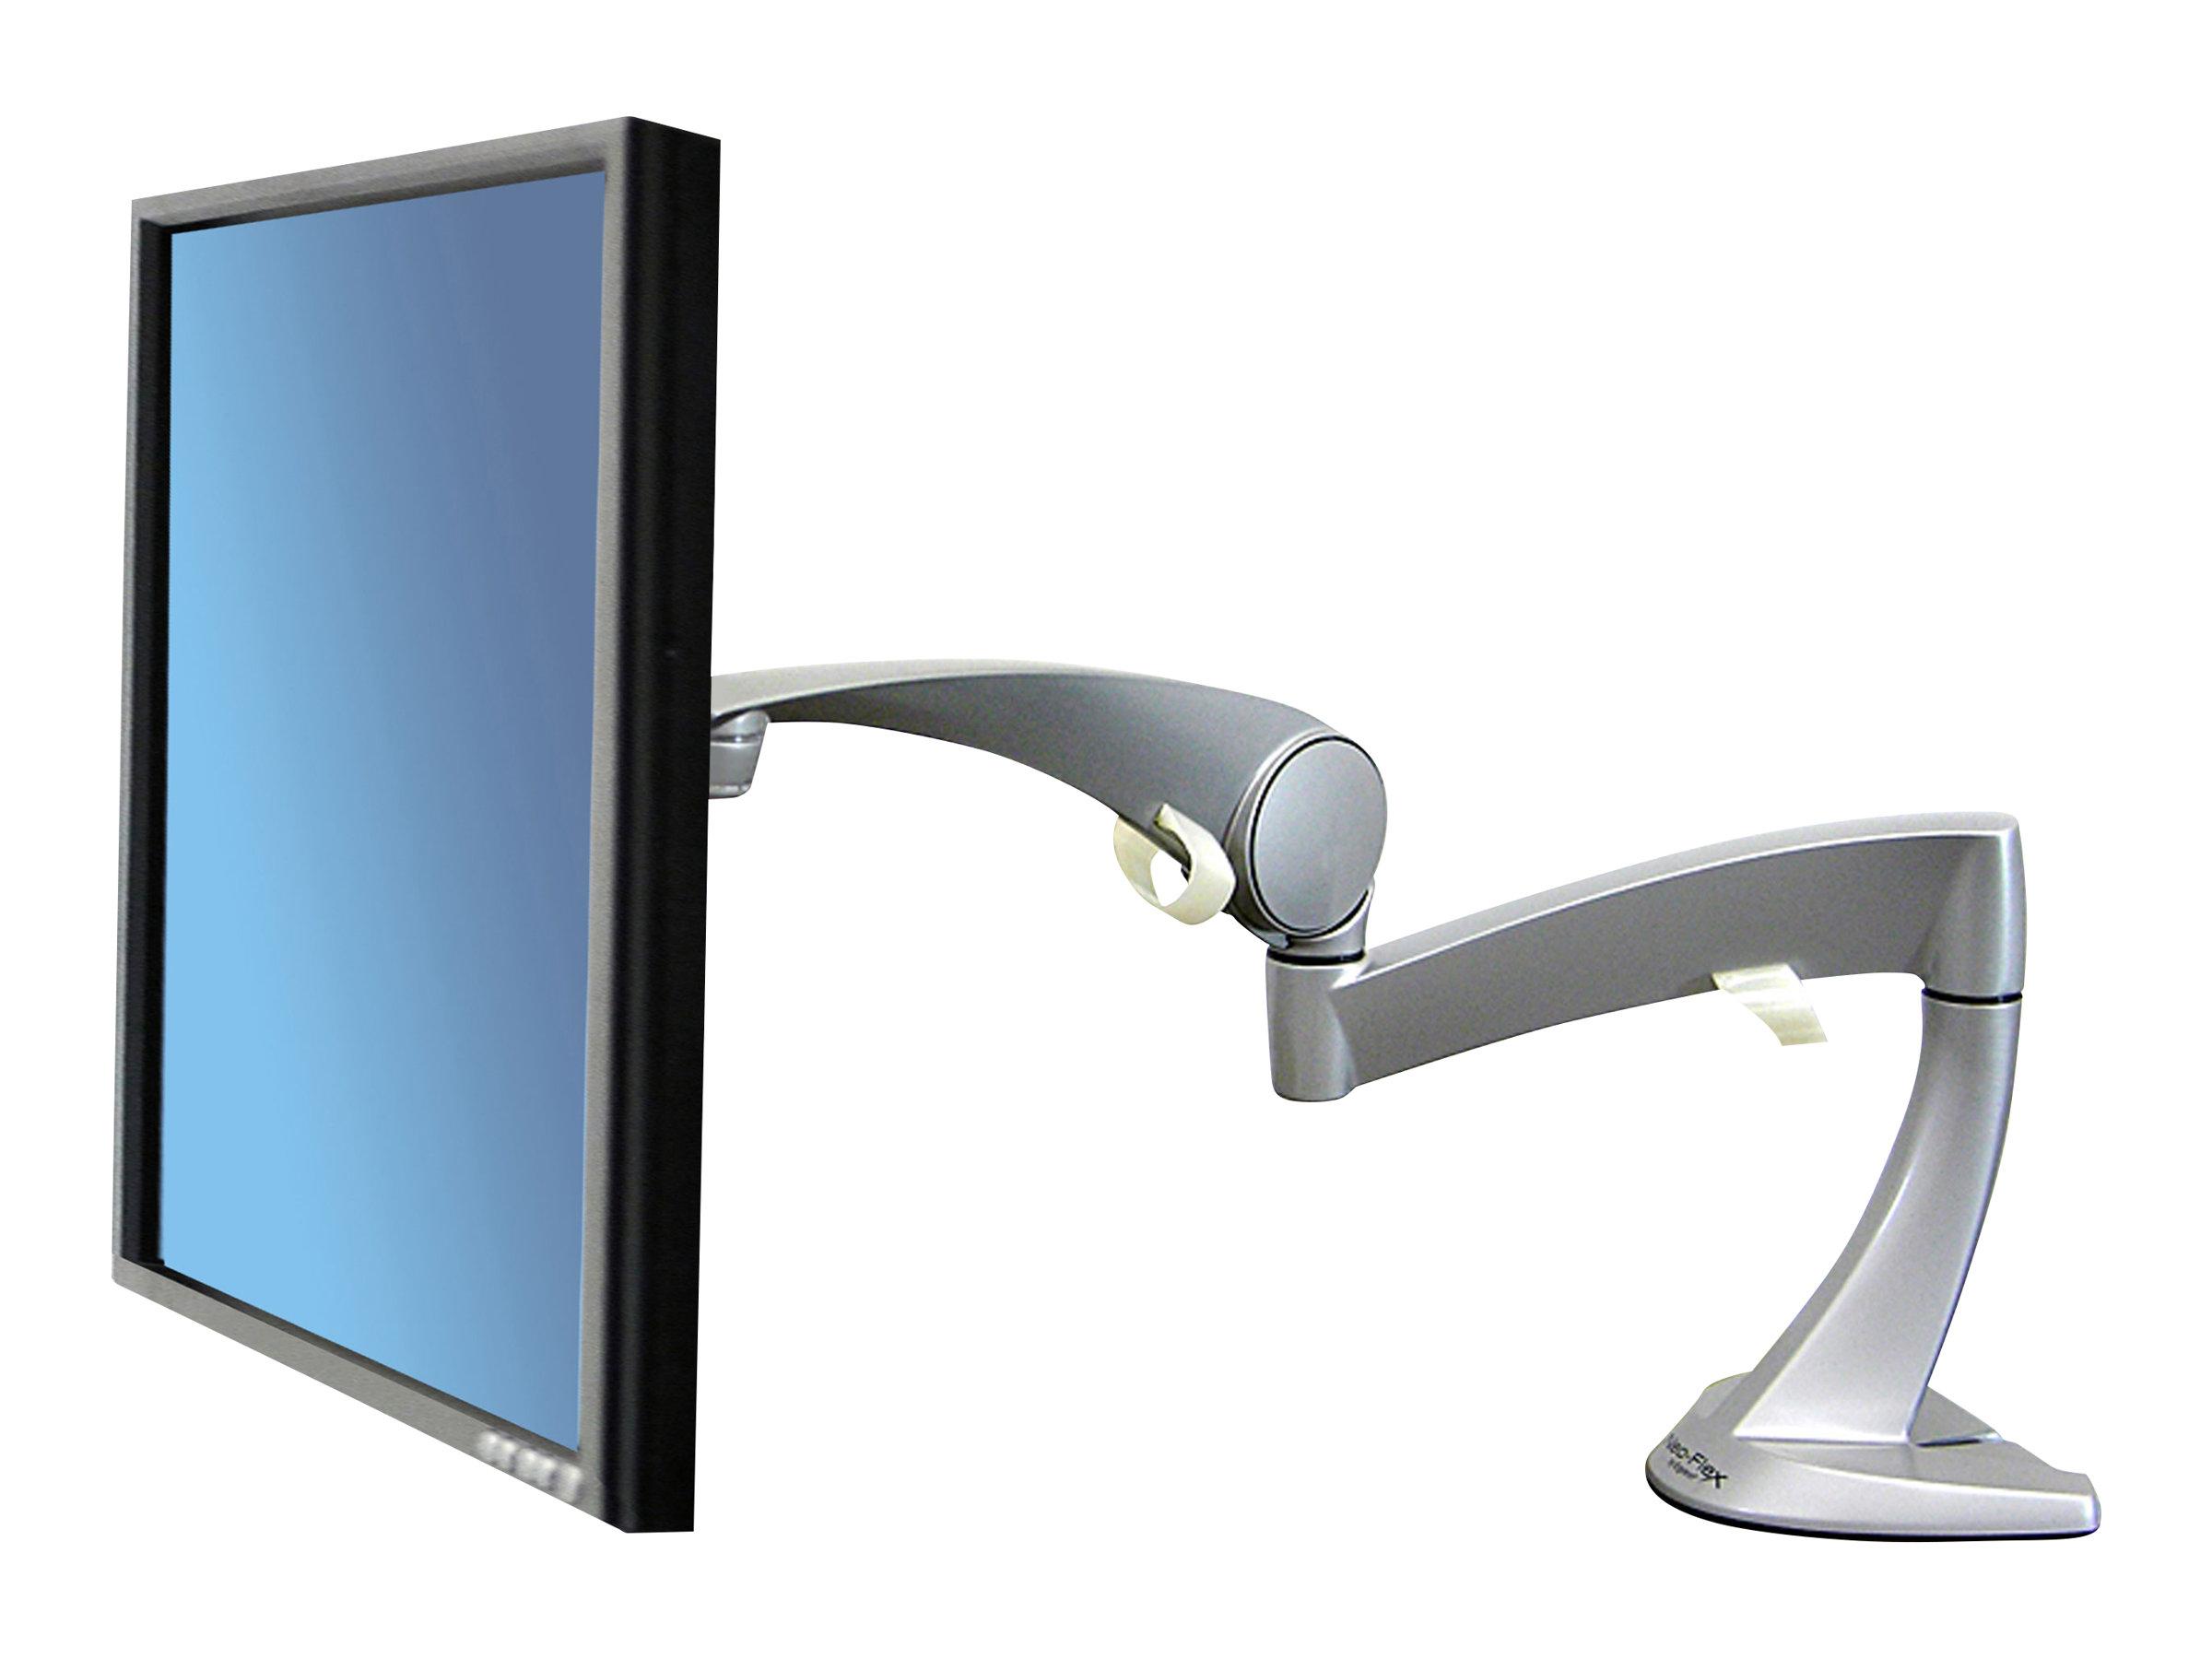 Ergotron Neo-Flex Monitor Arm - Befestigungskit (Gelenkarm, Spannbefestigung für Tisch, Verlängerungsarm, Tischplattenbohrung)